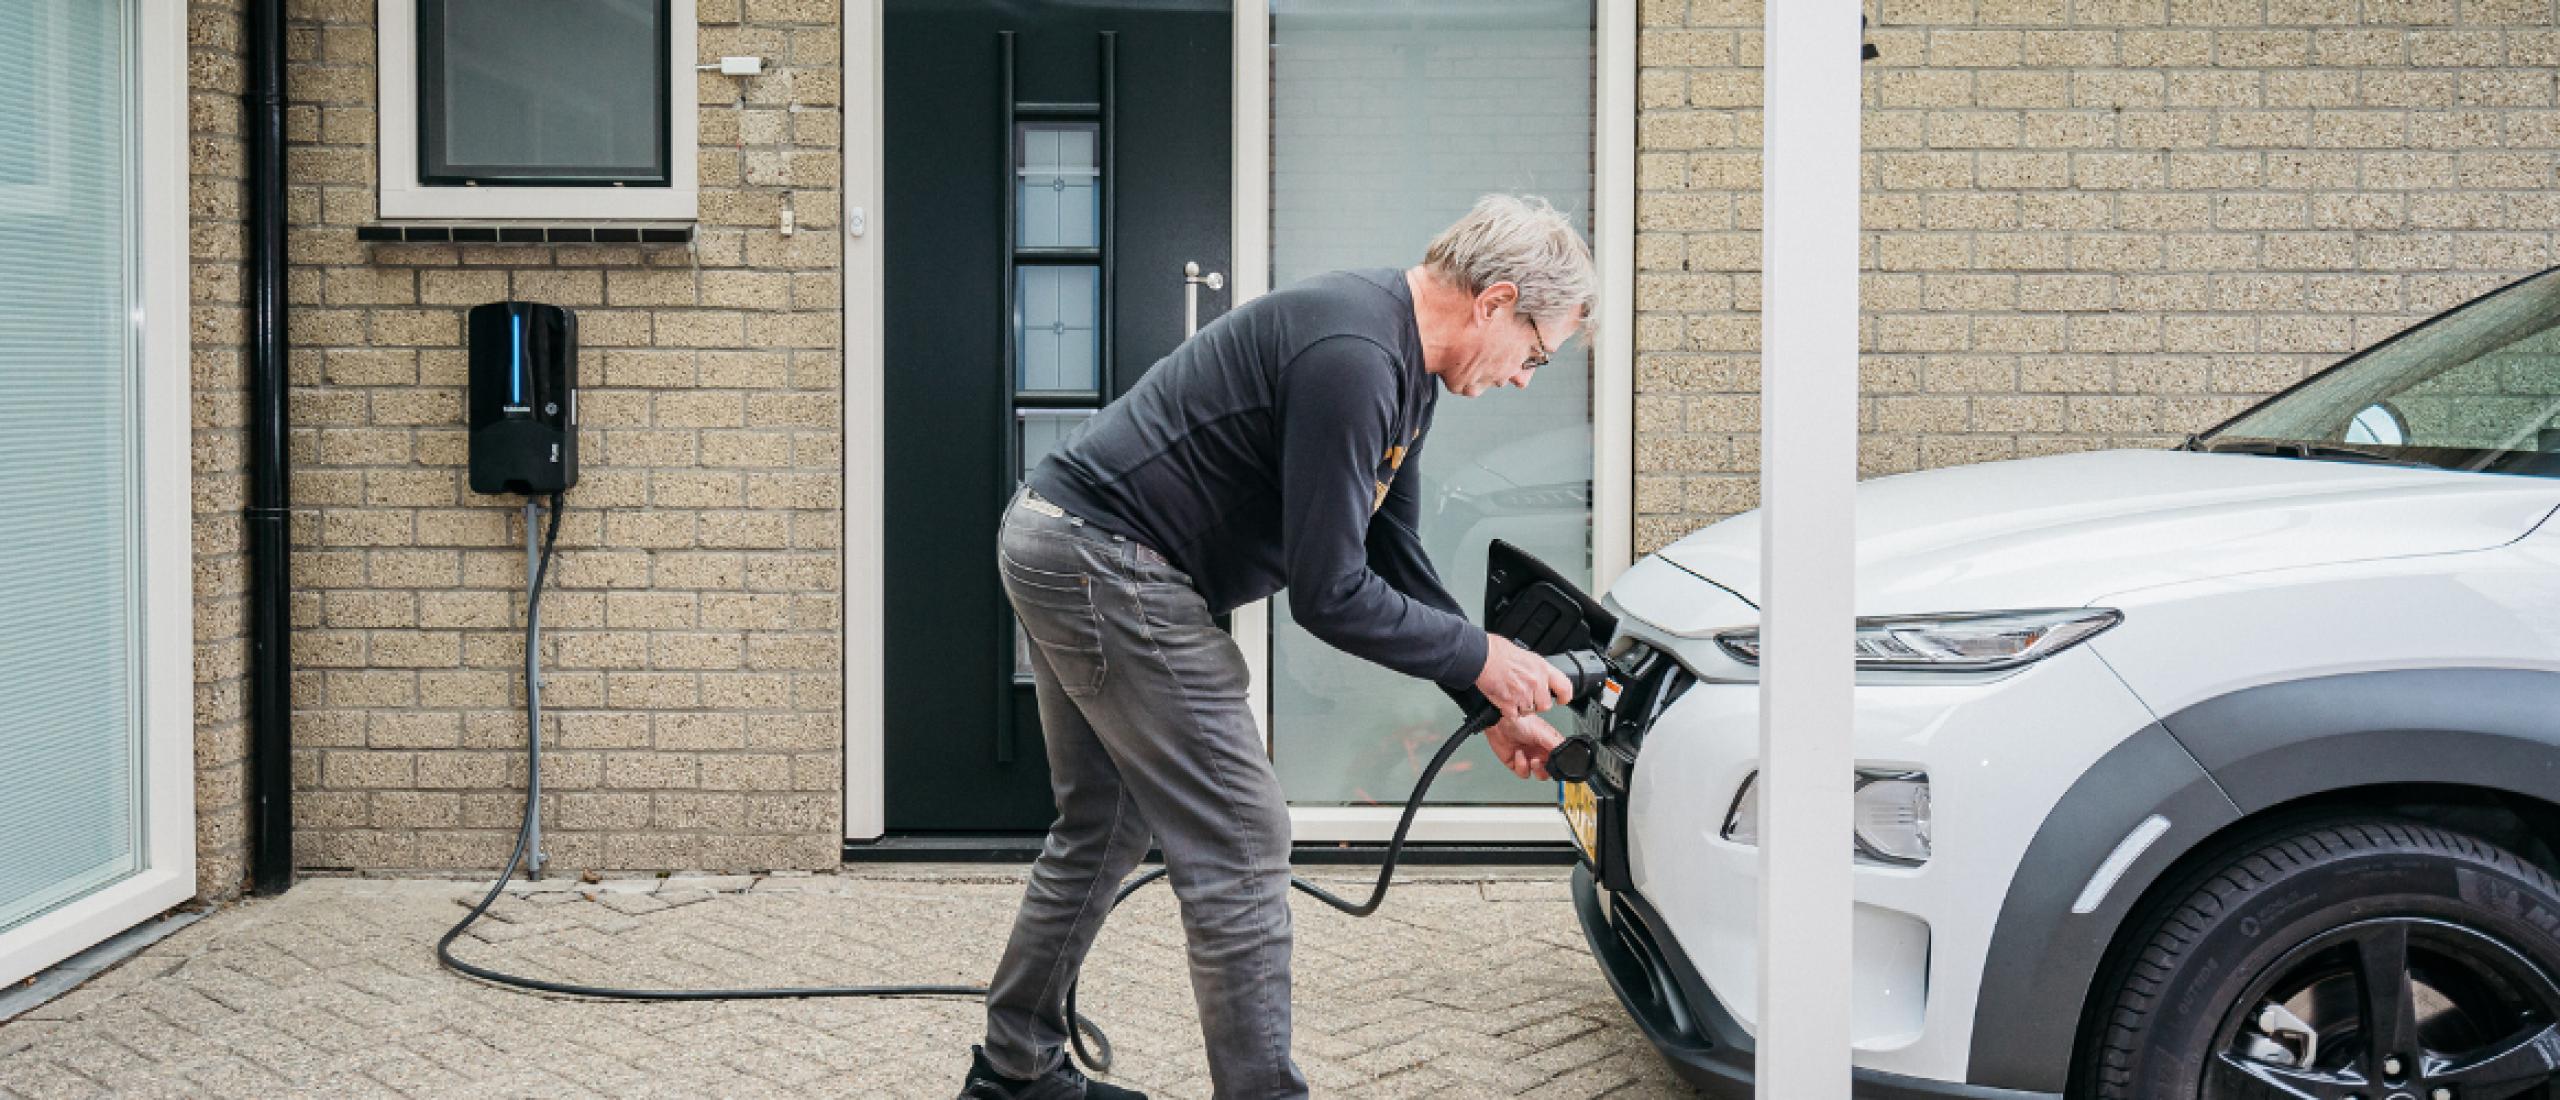 Is een elektrische auto beter dan een benzine auto?